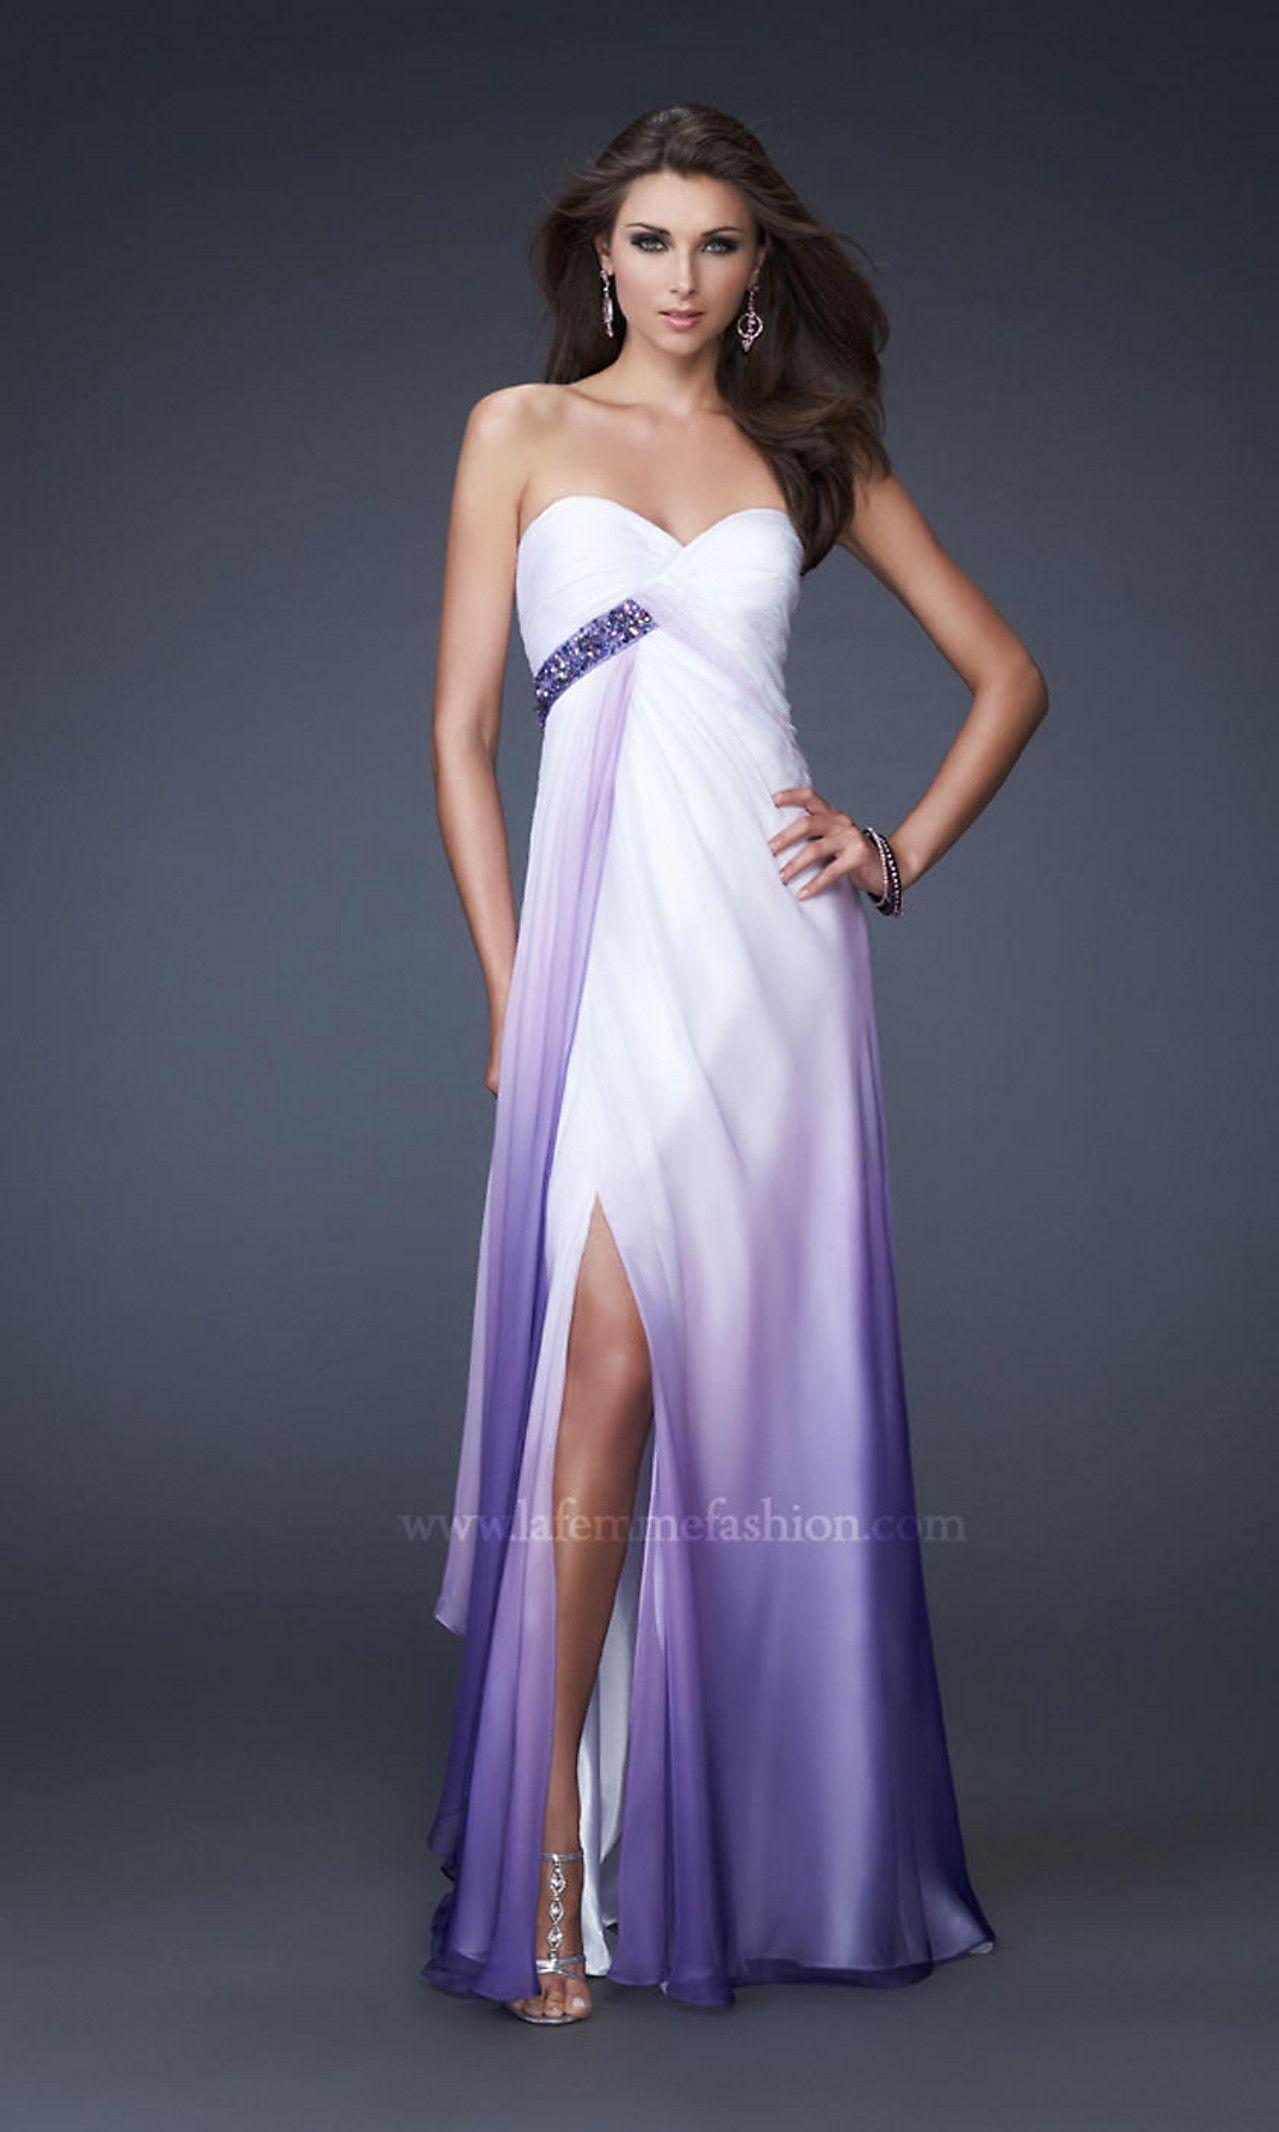 Purple ombré gown estilo inspirador pinterest gowns purple